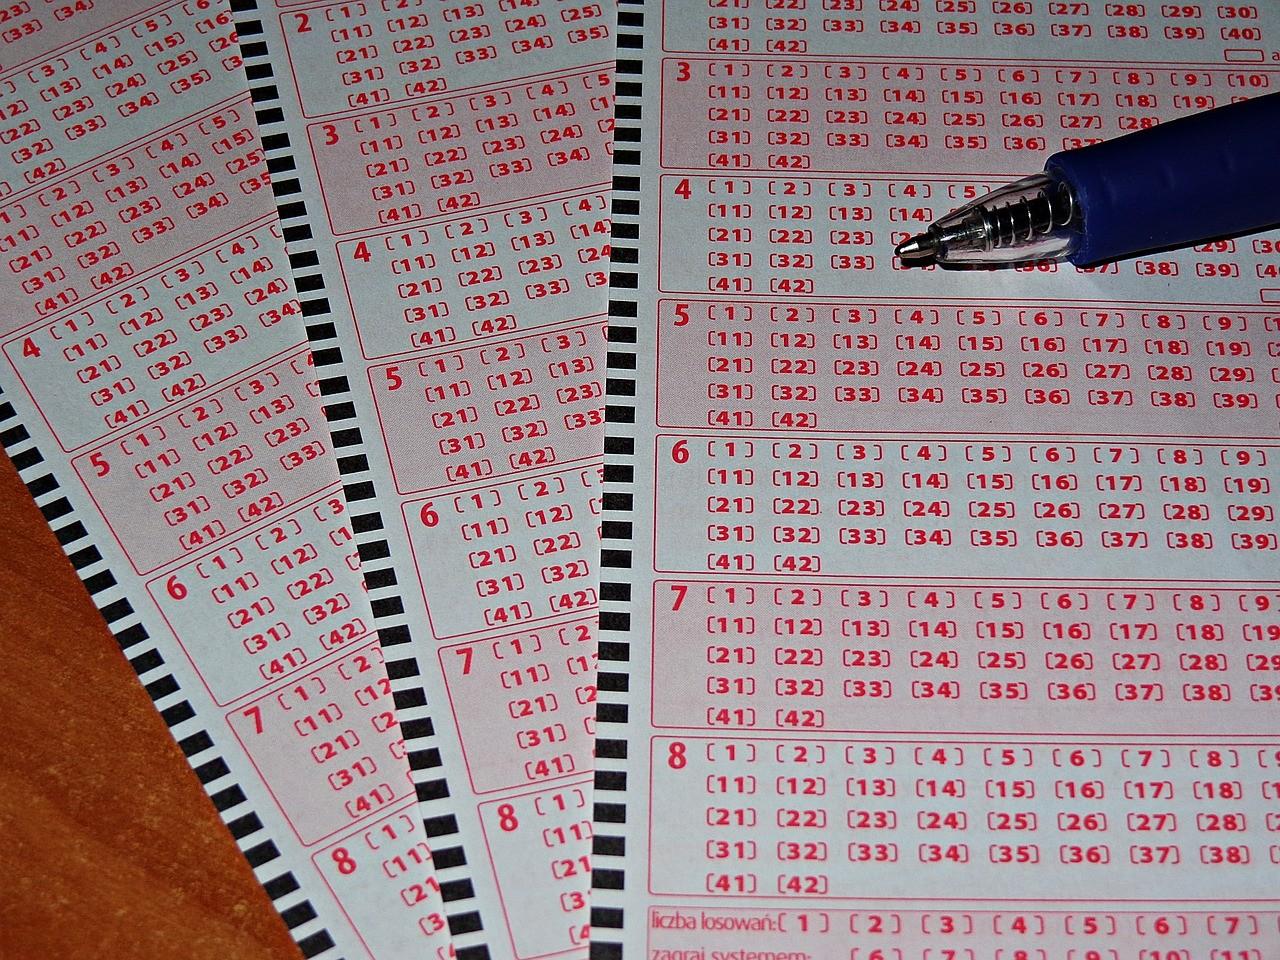 Lotofácil 1396: veja o resultado e os números sorteados